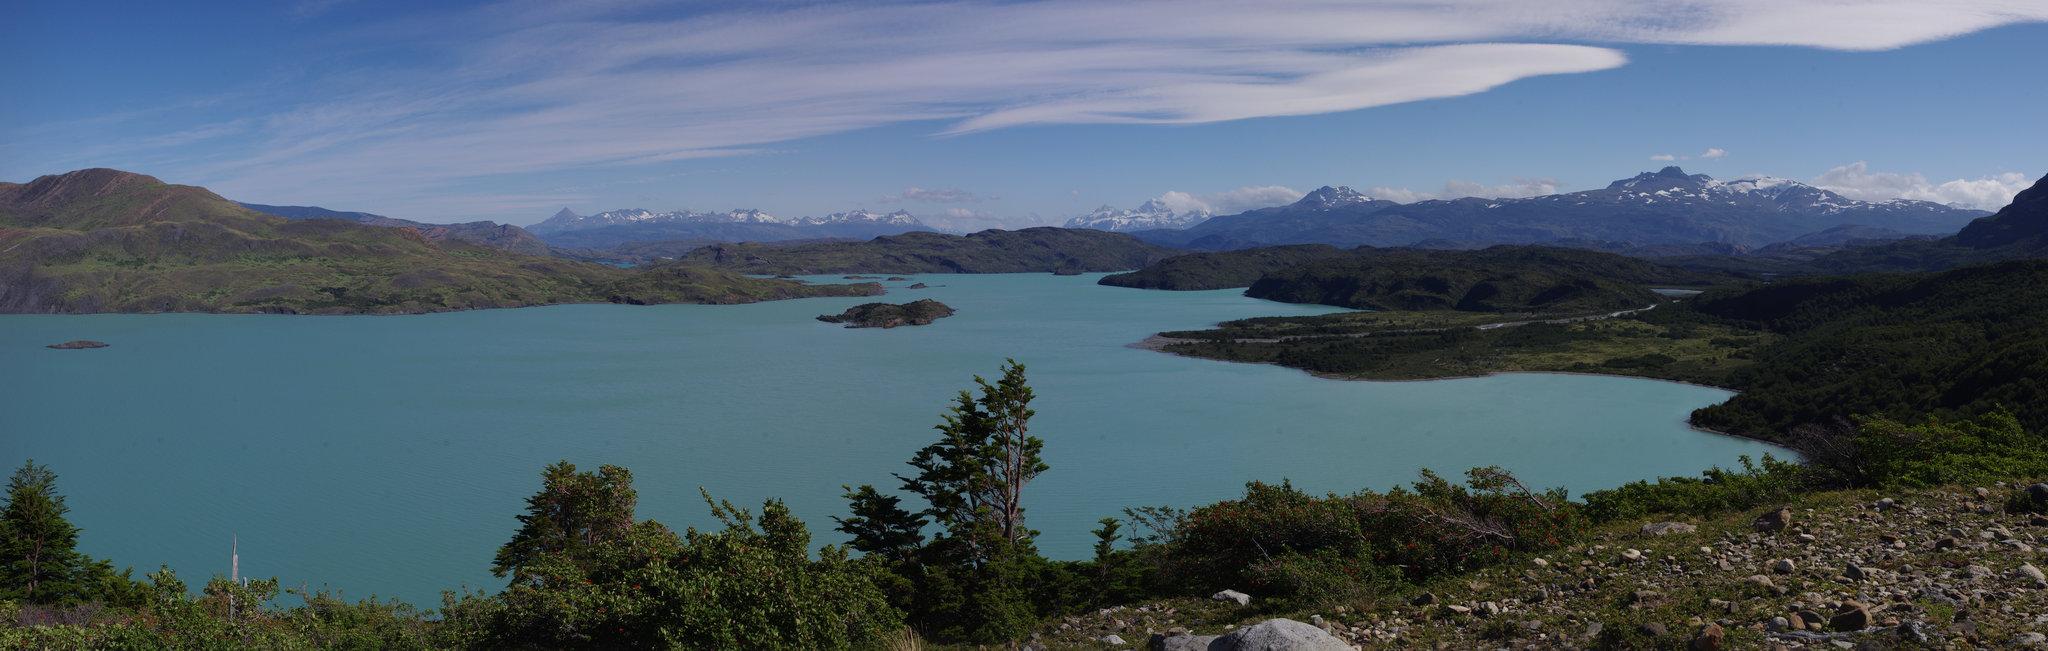 Vue sur le Lago Nordenskjöld, Parc Torres Del Paine